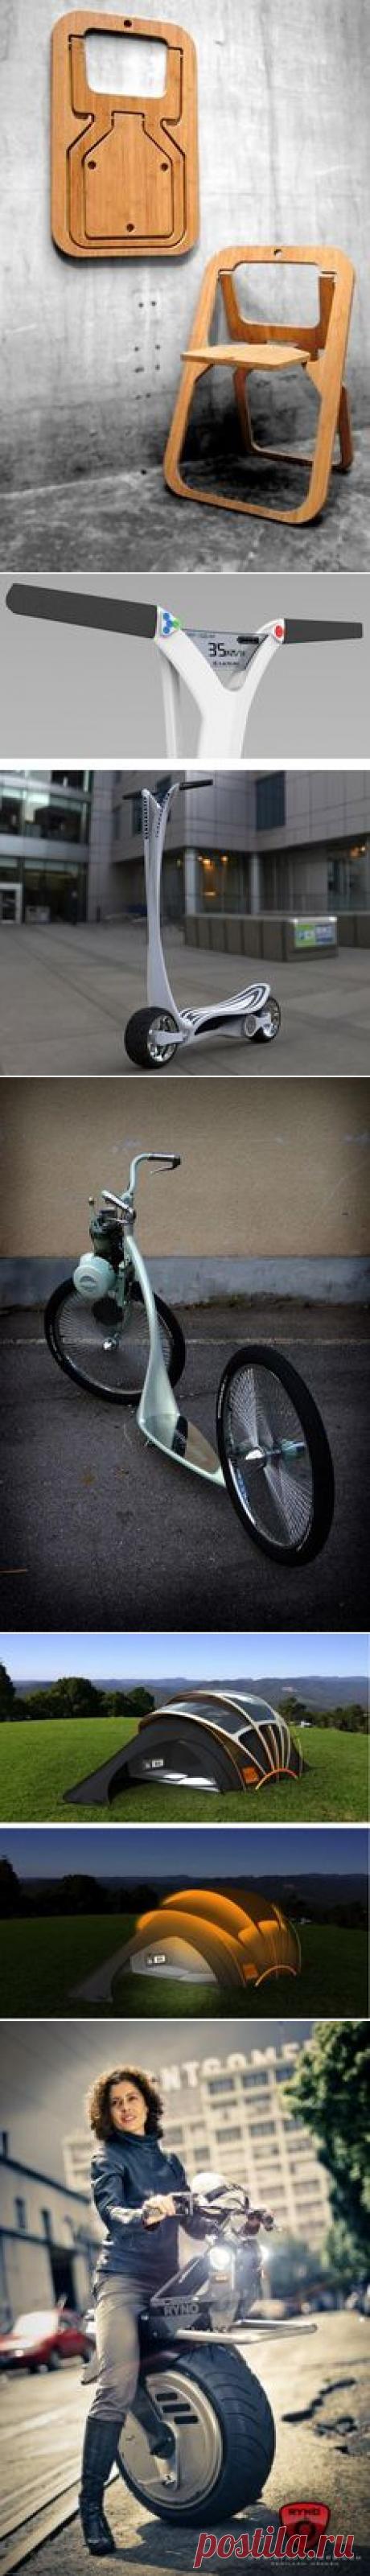 Гаджеты,  трансформеры, приспособления on Pinterest | Cool Inventions, Gadgets and Ravioli